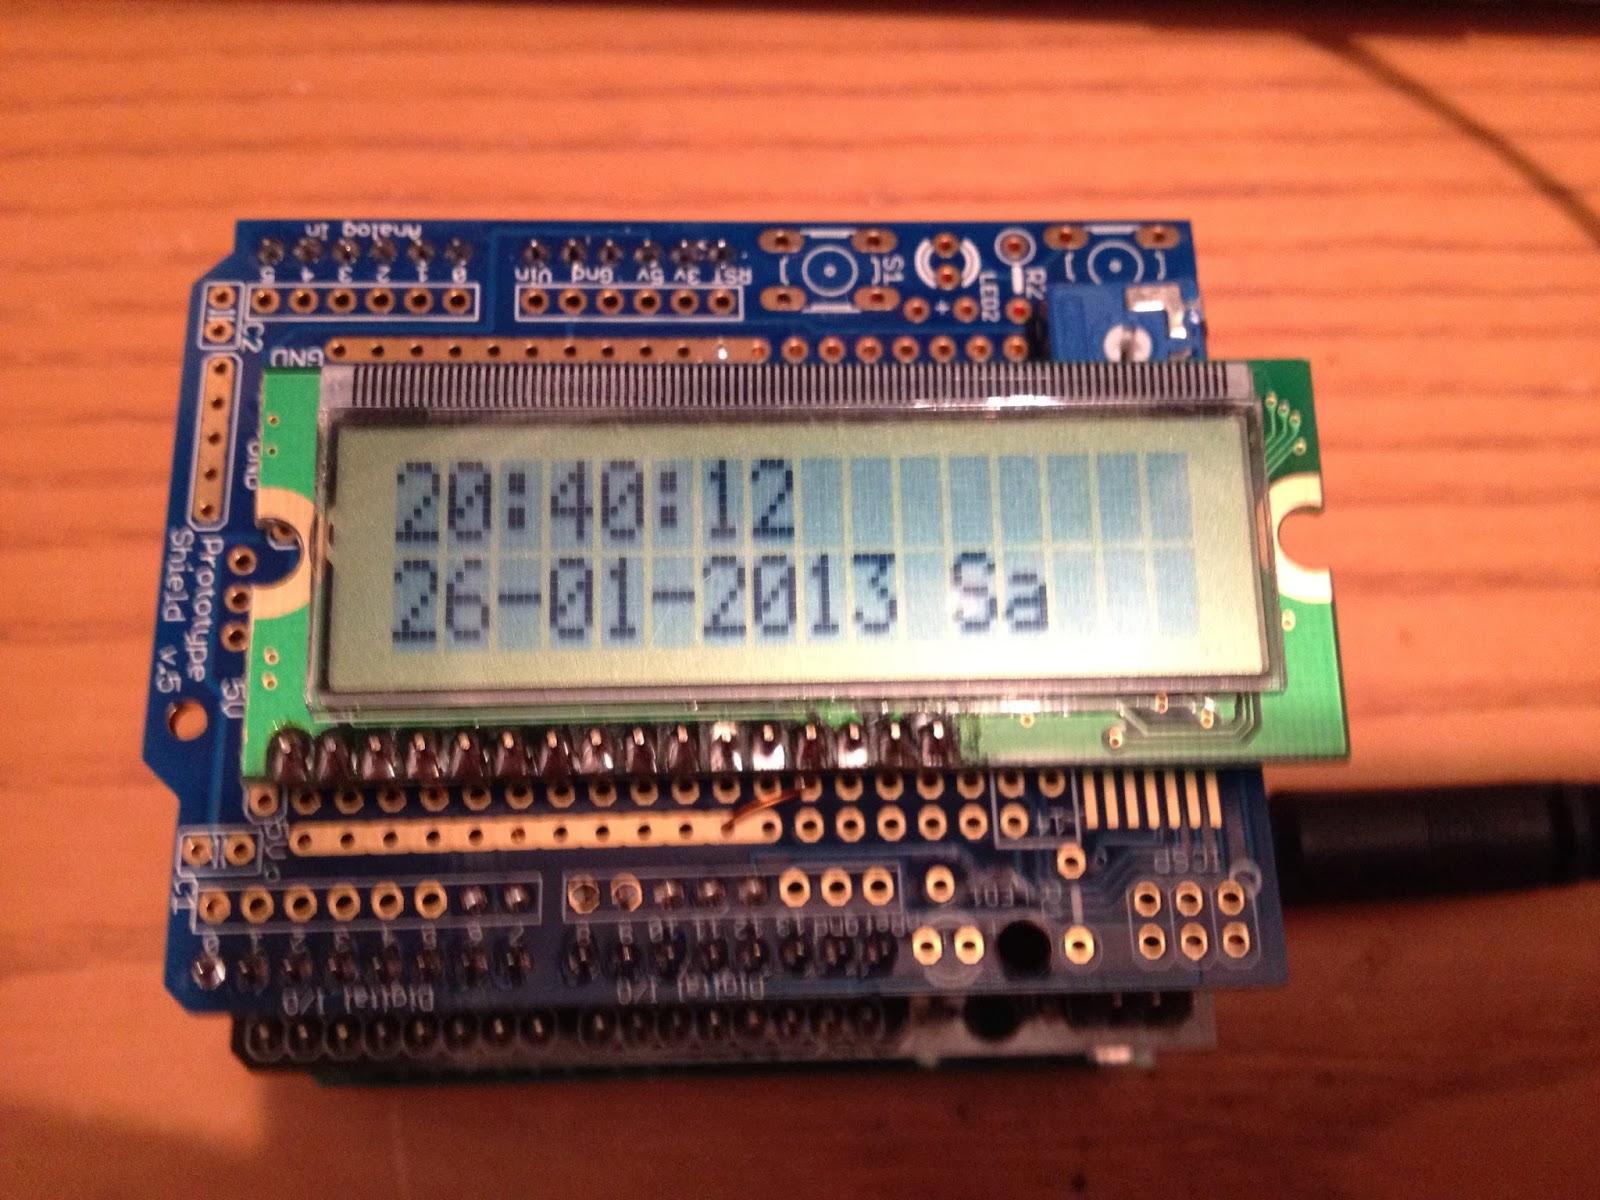 Thd arduino projekte dcf mit glcd display